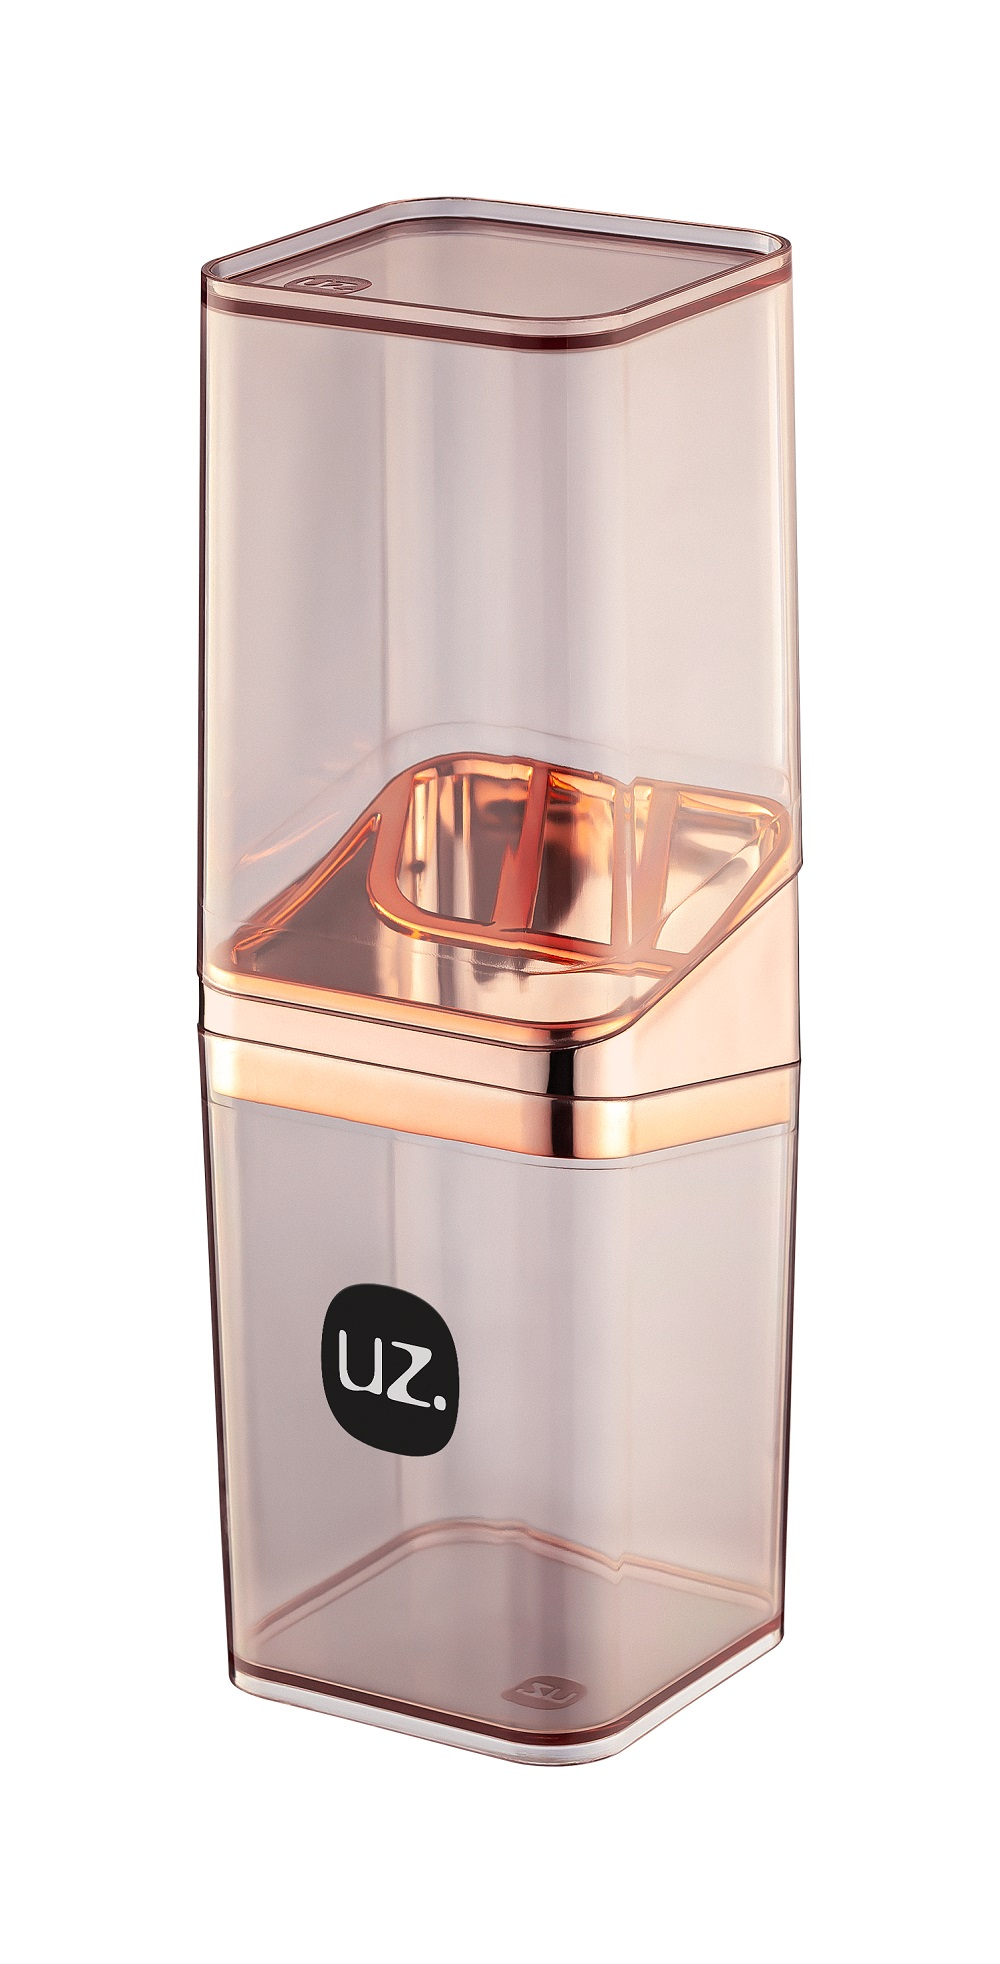 Porta Escova com Tampa Slim Premium de Plástico - UZ